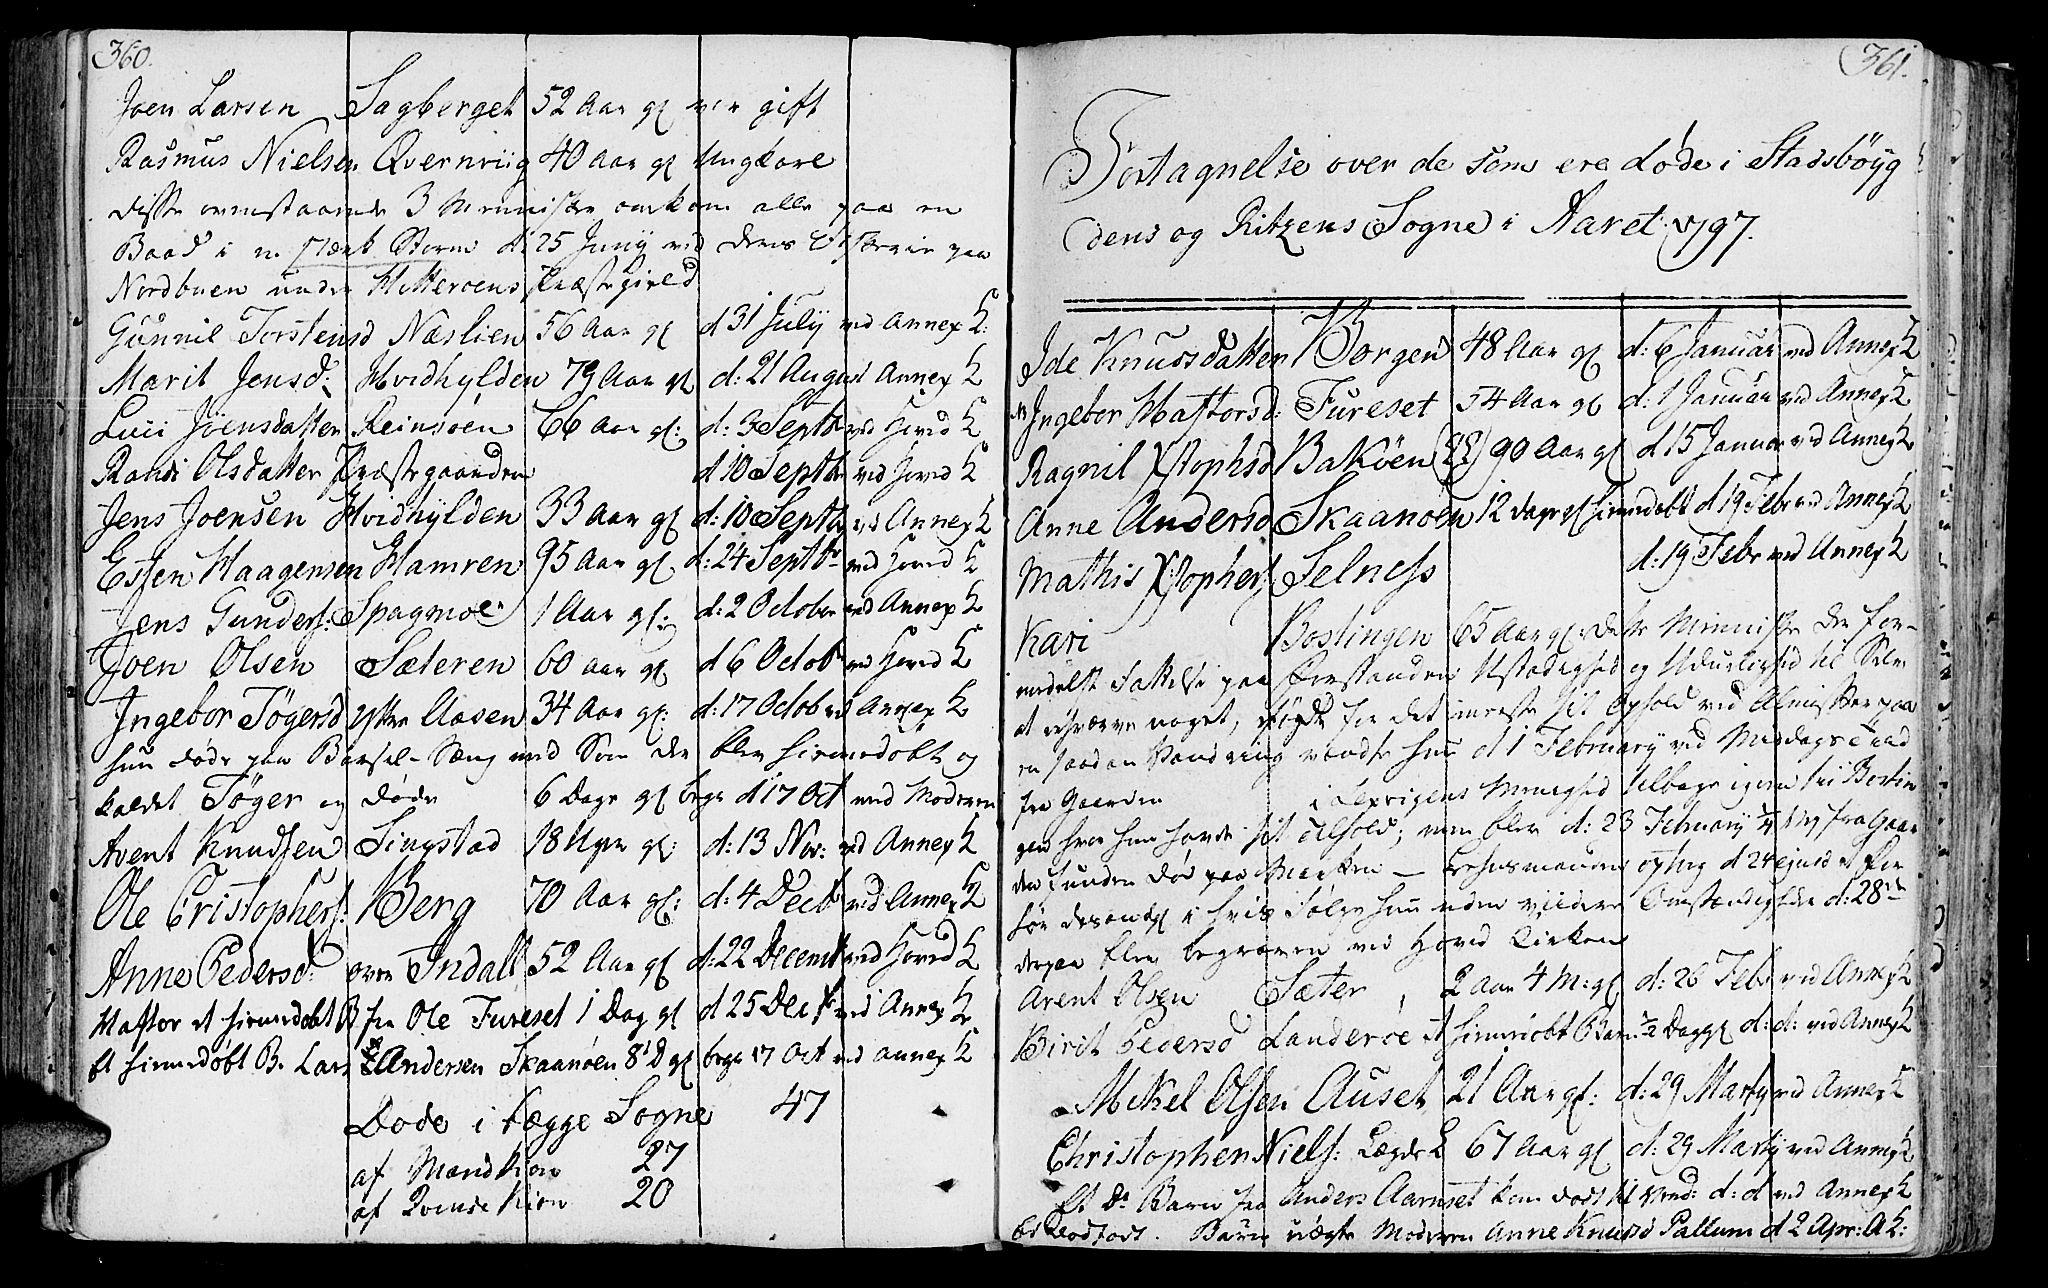 SAT, Ministerialprotokoller, klokkerbøker og fødselsregistre - Sør-Trøndelag, 646/L0606: Ministerialbok nr. 646A04, 1791-1805, s. 360-361